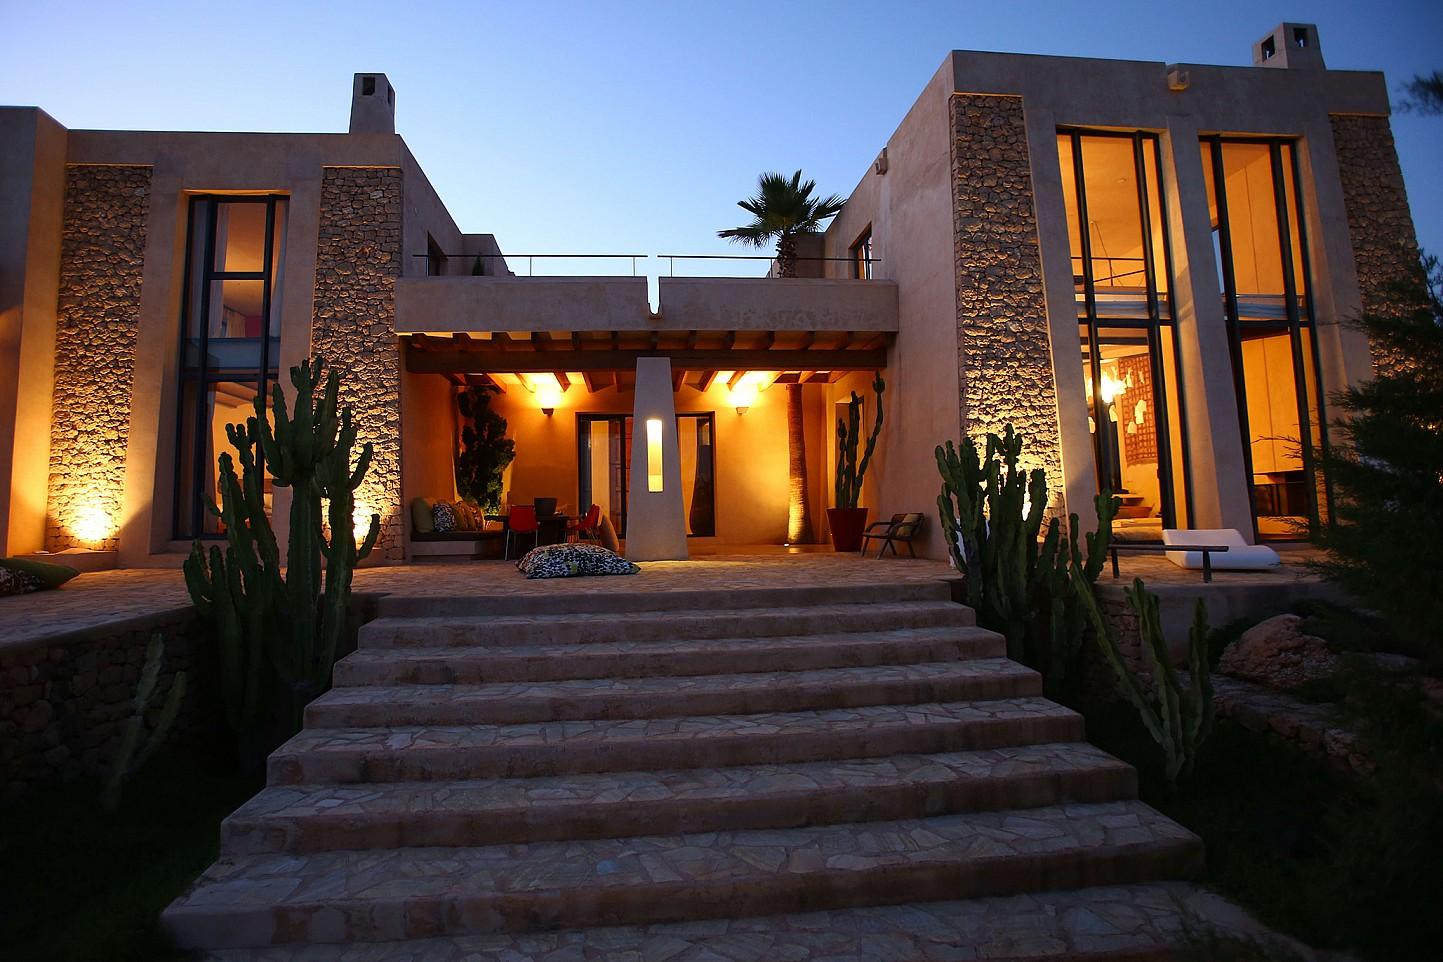 Fantástica iluminación de la villa